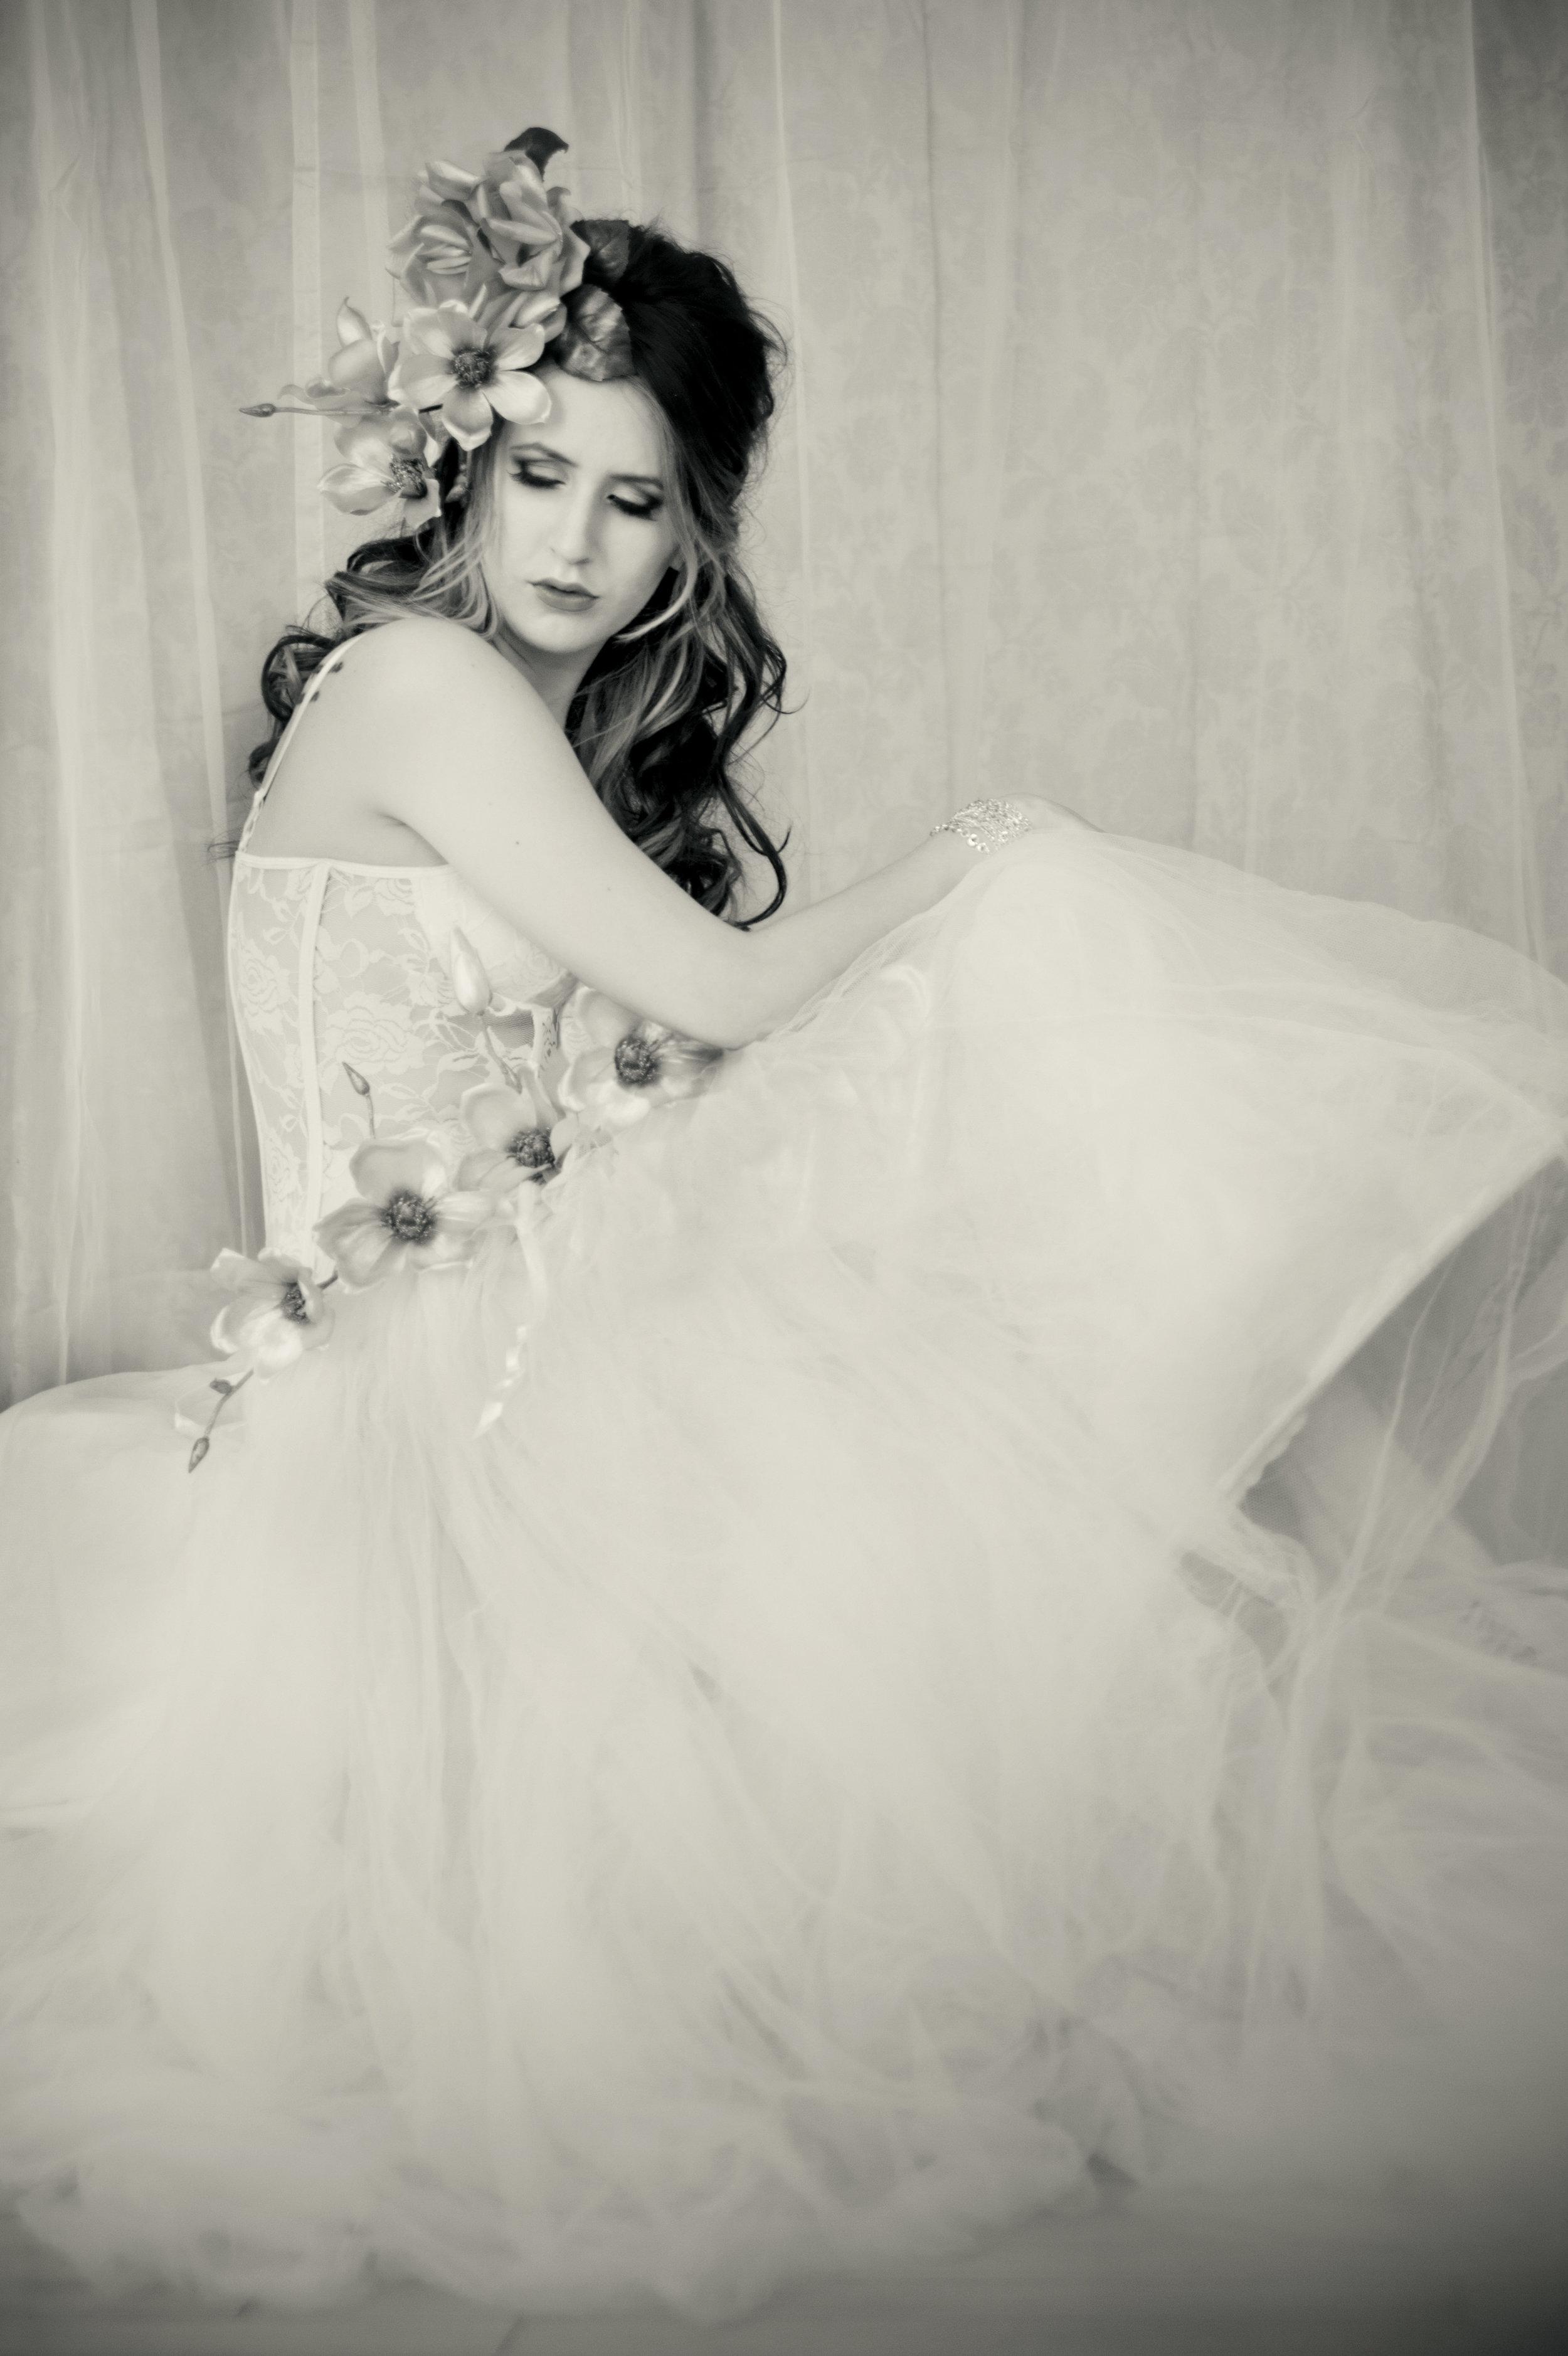 marta-hewson-fashion-bride-fine-art-portraiture.jpg